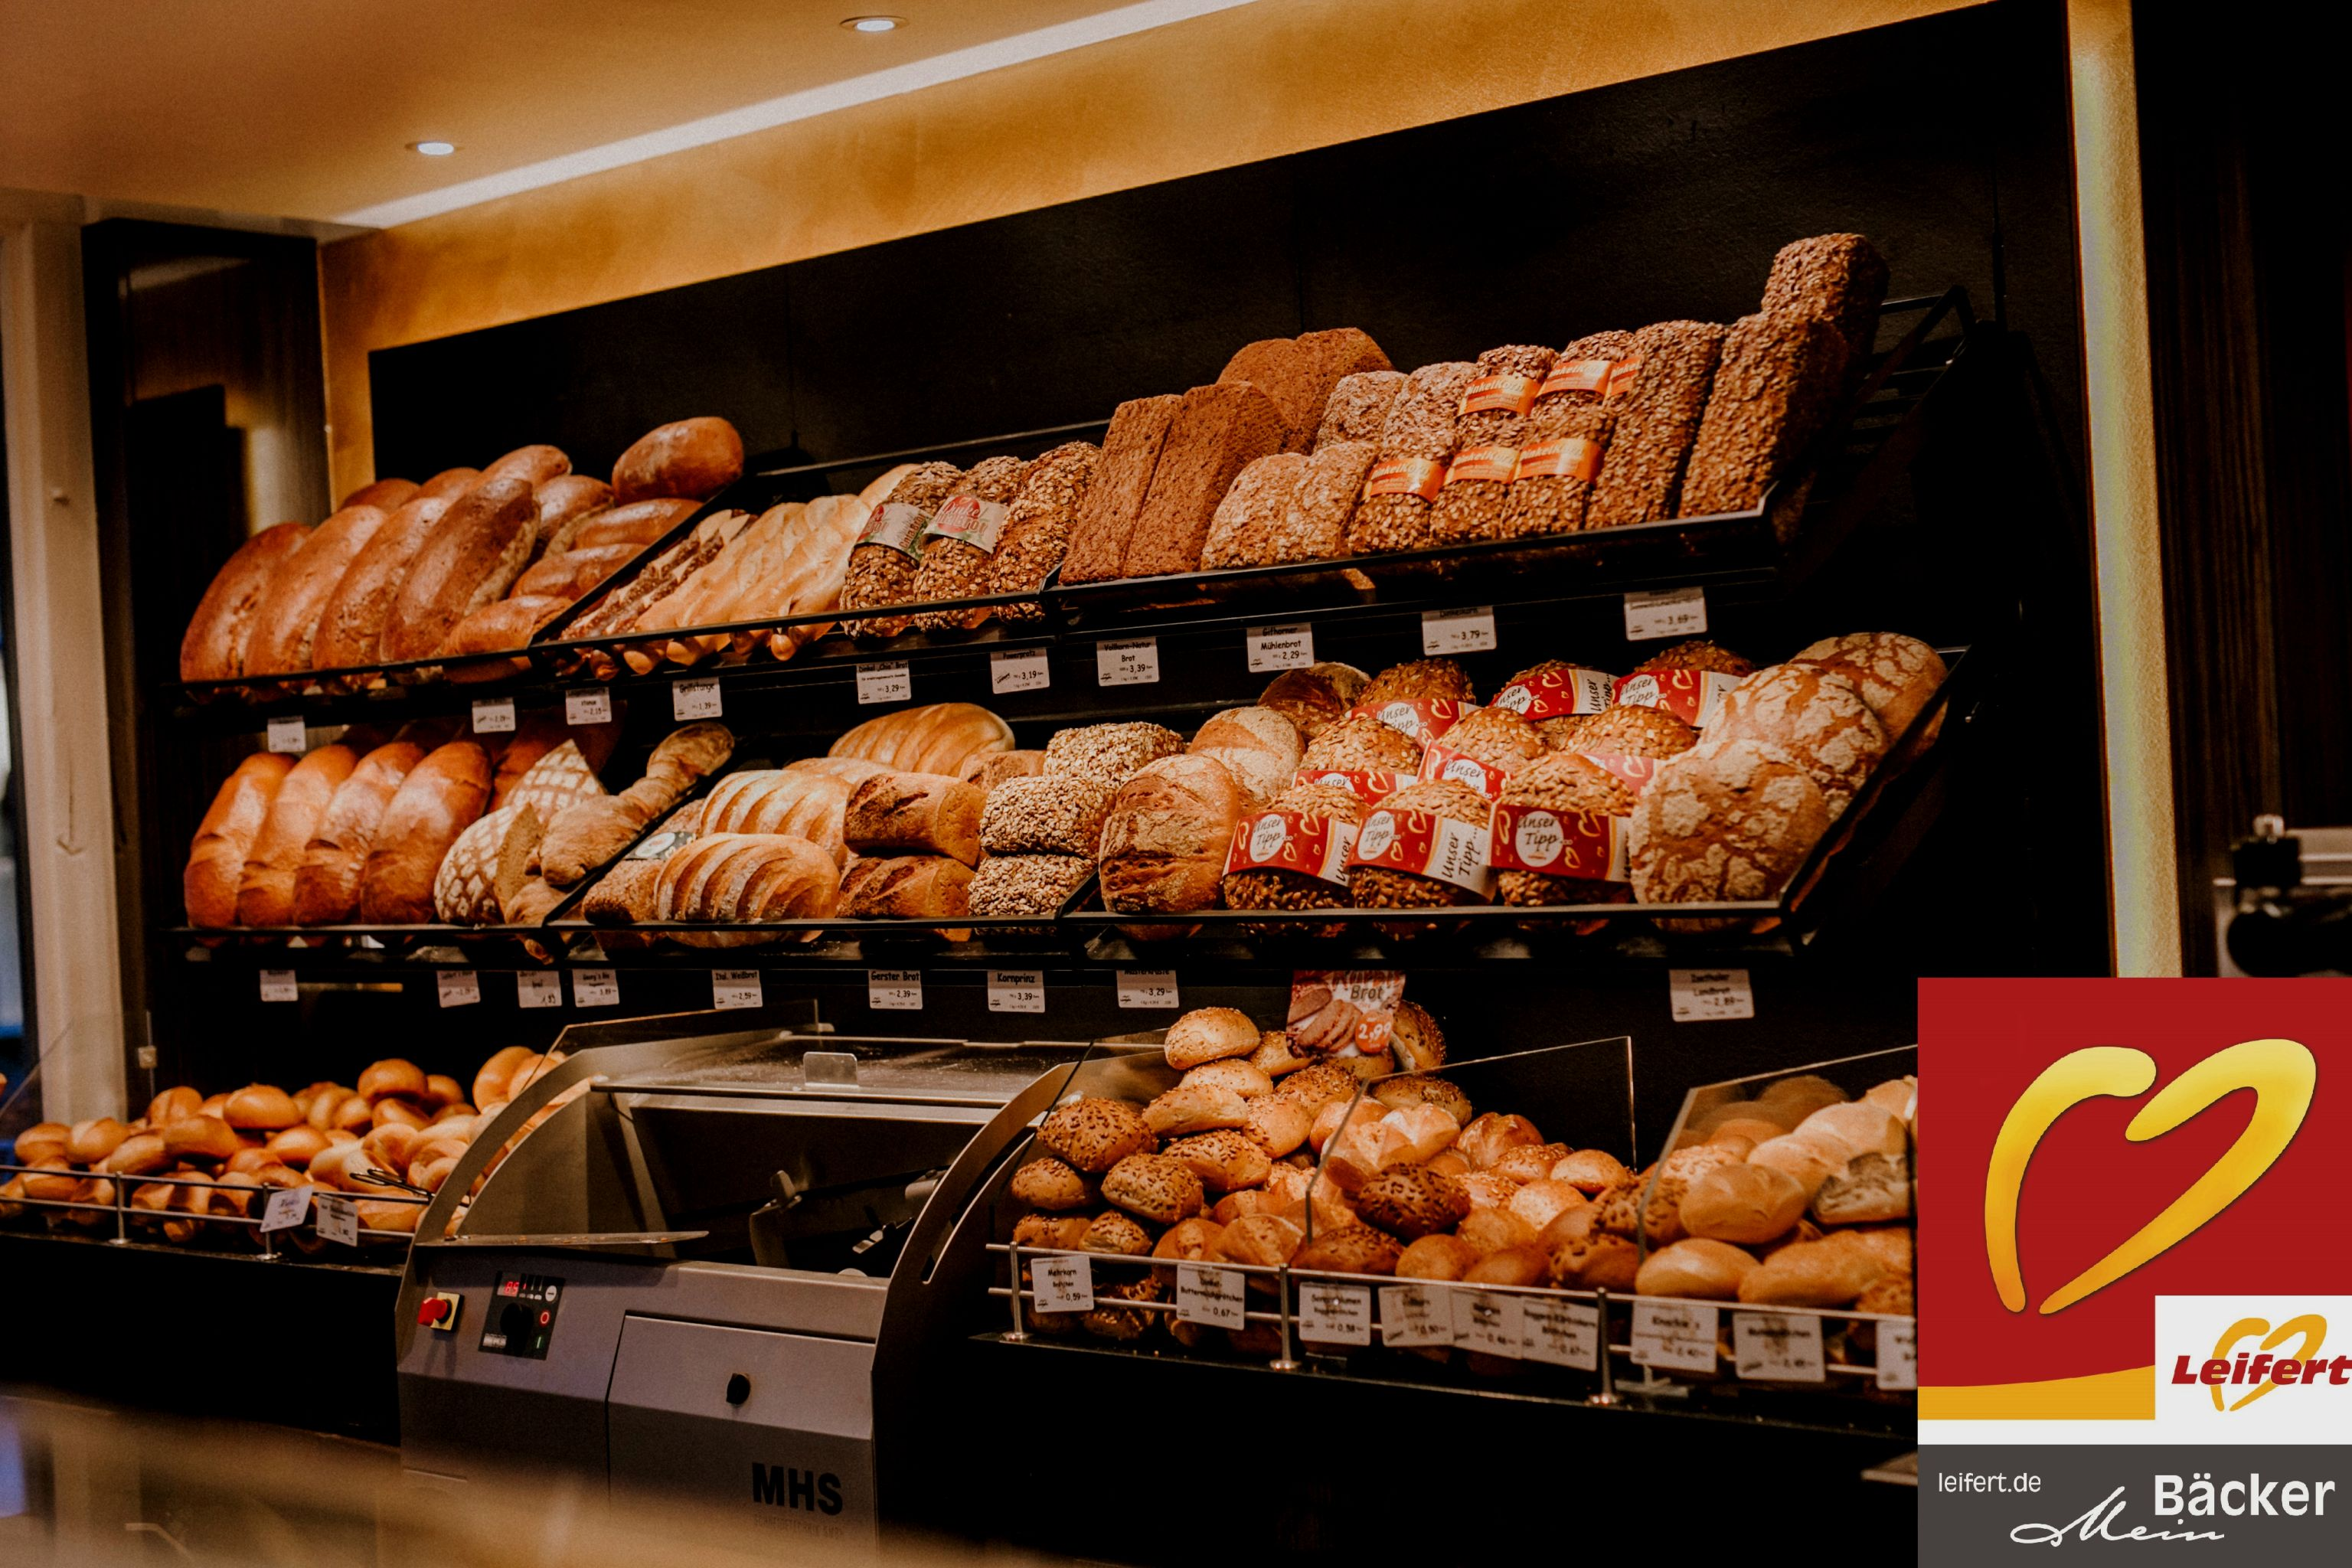 Bäckerei Leifert